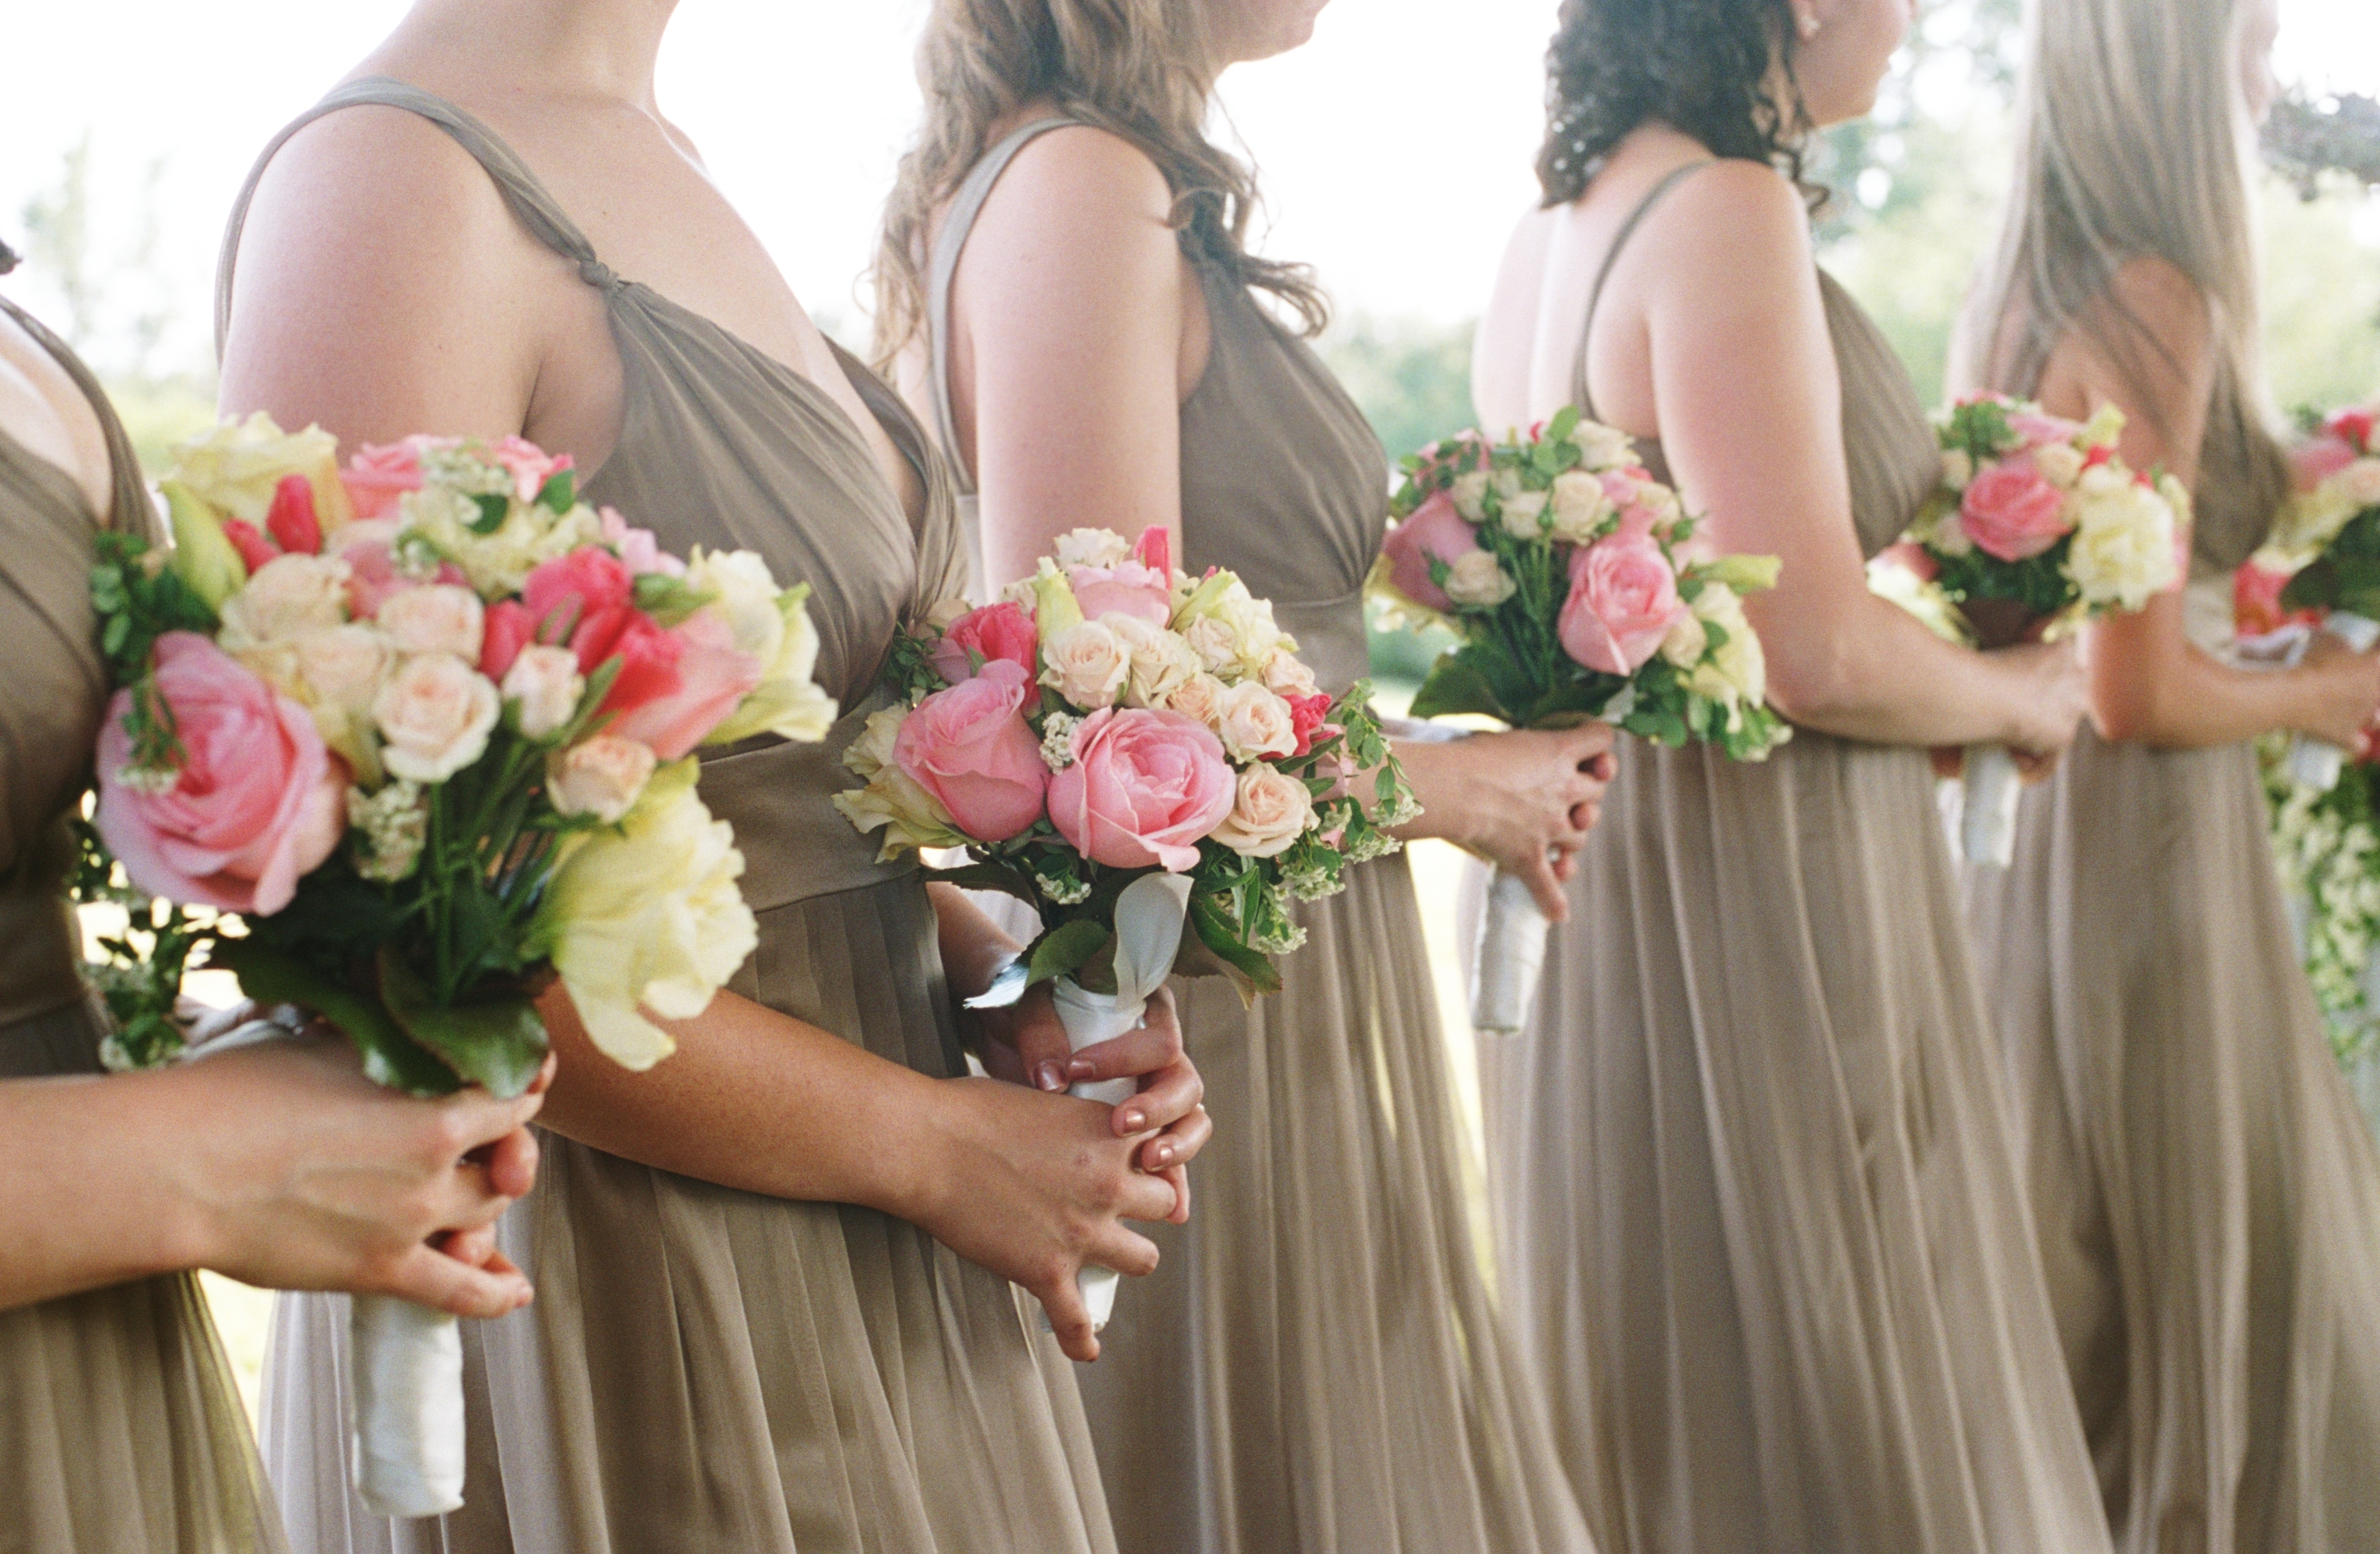 Bridesmaids, Bridesmaids Dresses, Bridesmaid Dresses, Fashion, white, pink, Wedding party, Wedding, Farm